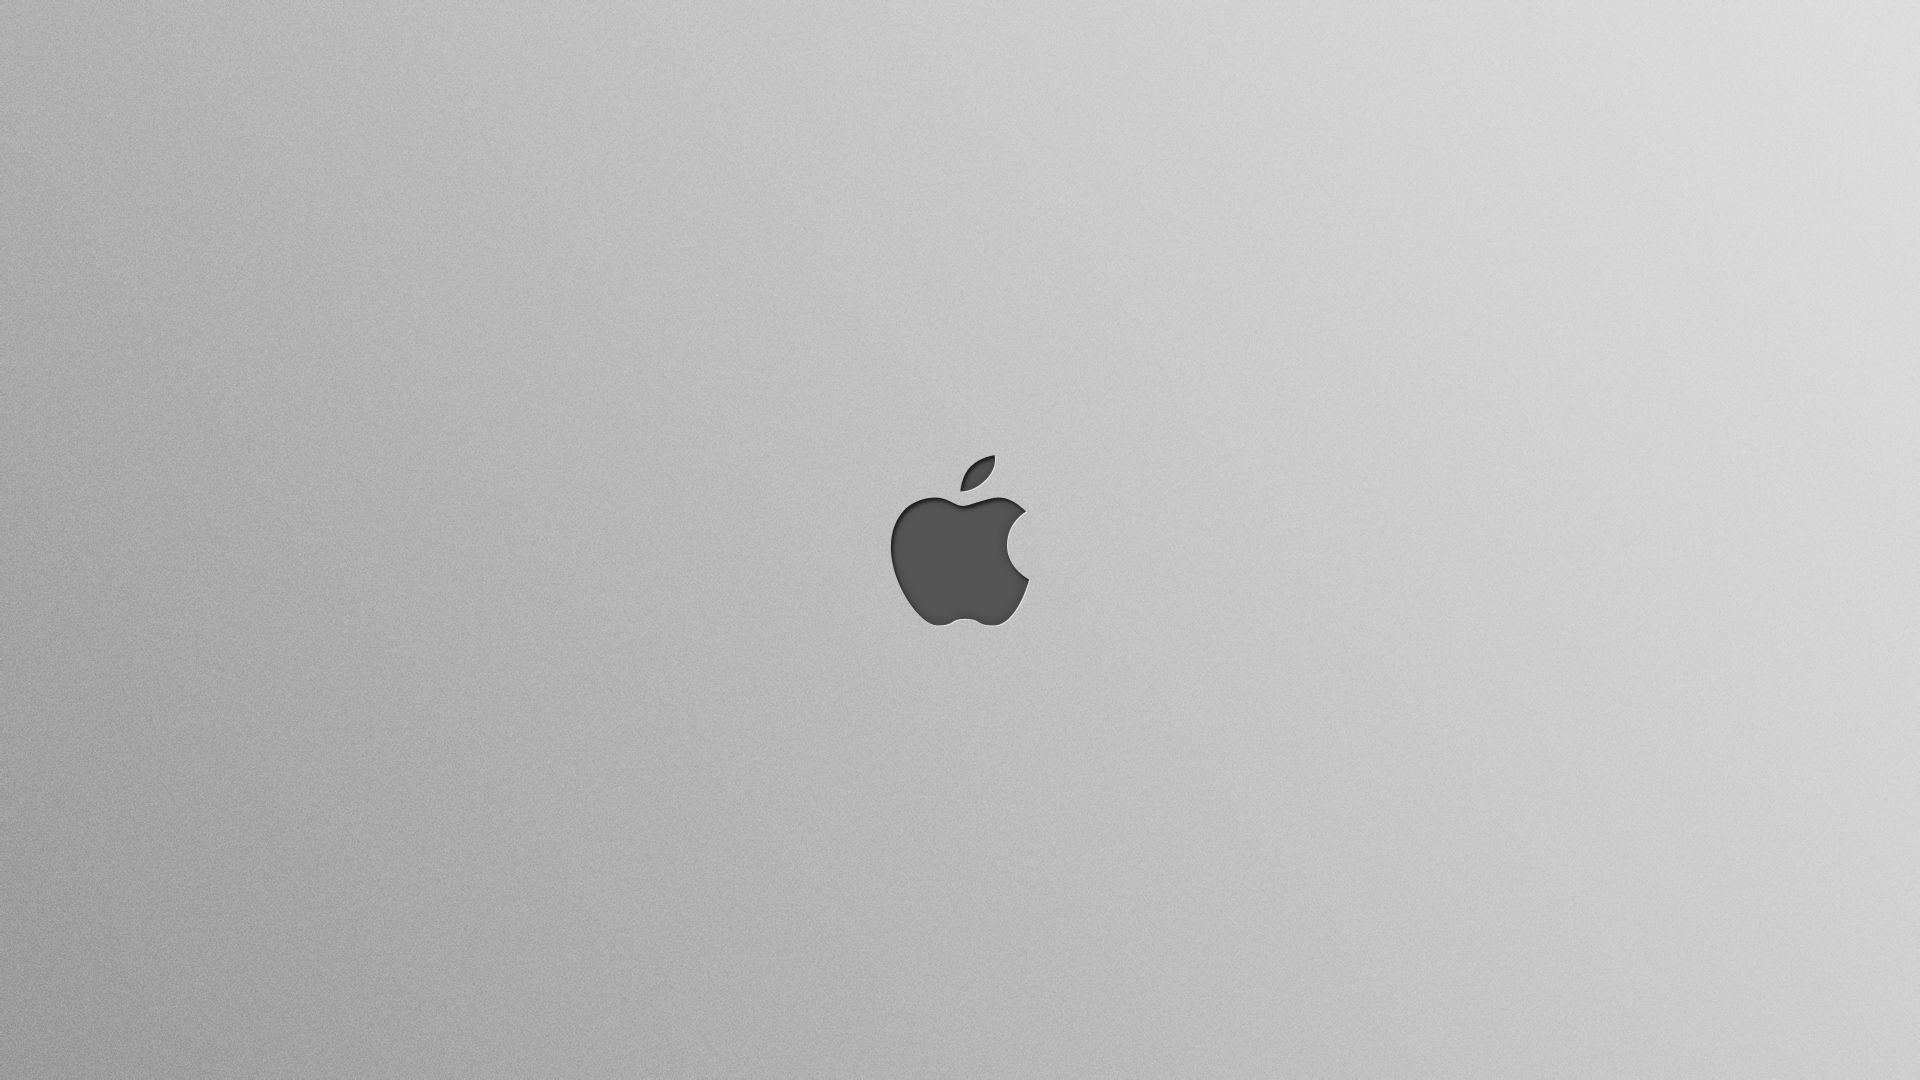 高清电脑桌面_苹果电脑高清桌面壁纸图片 .图片